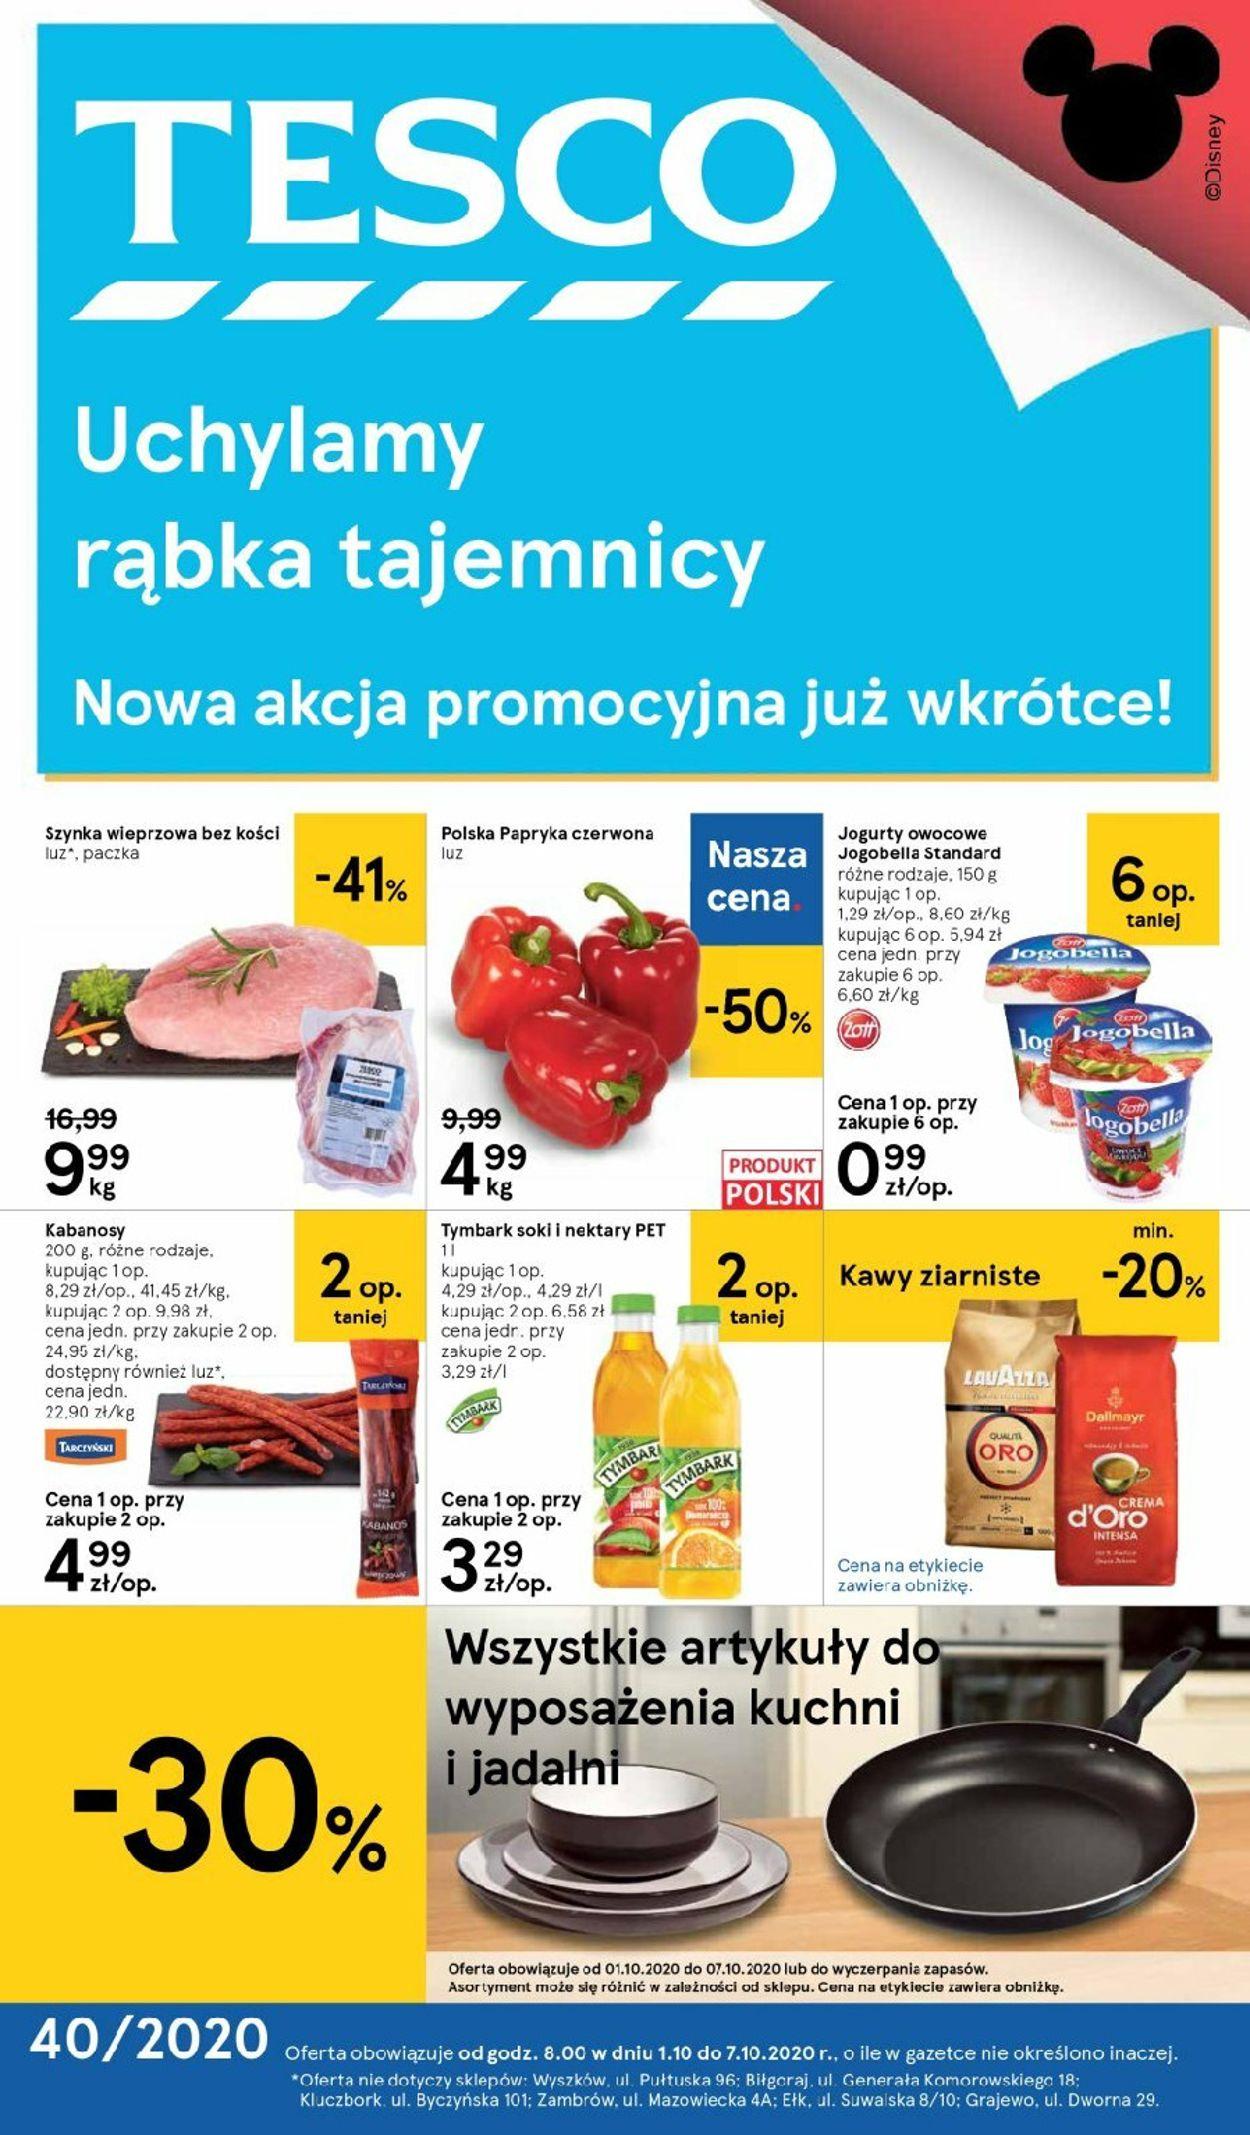 Gazetka promocyjna TESCO - 01.10-07.10.2020